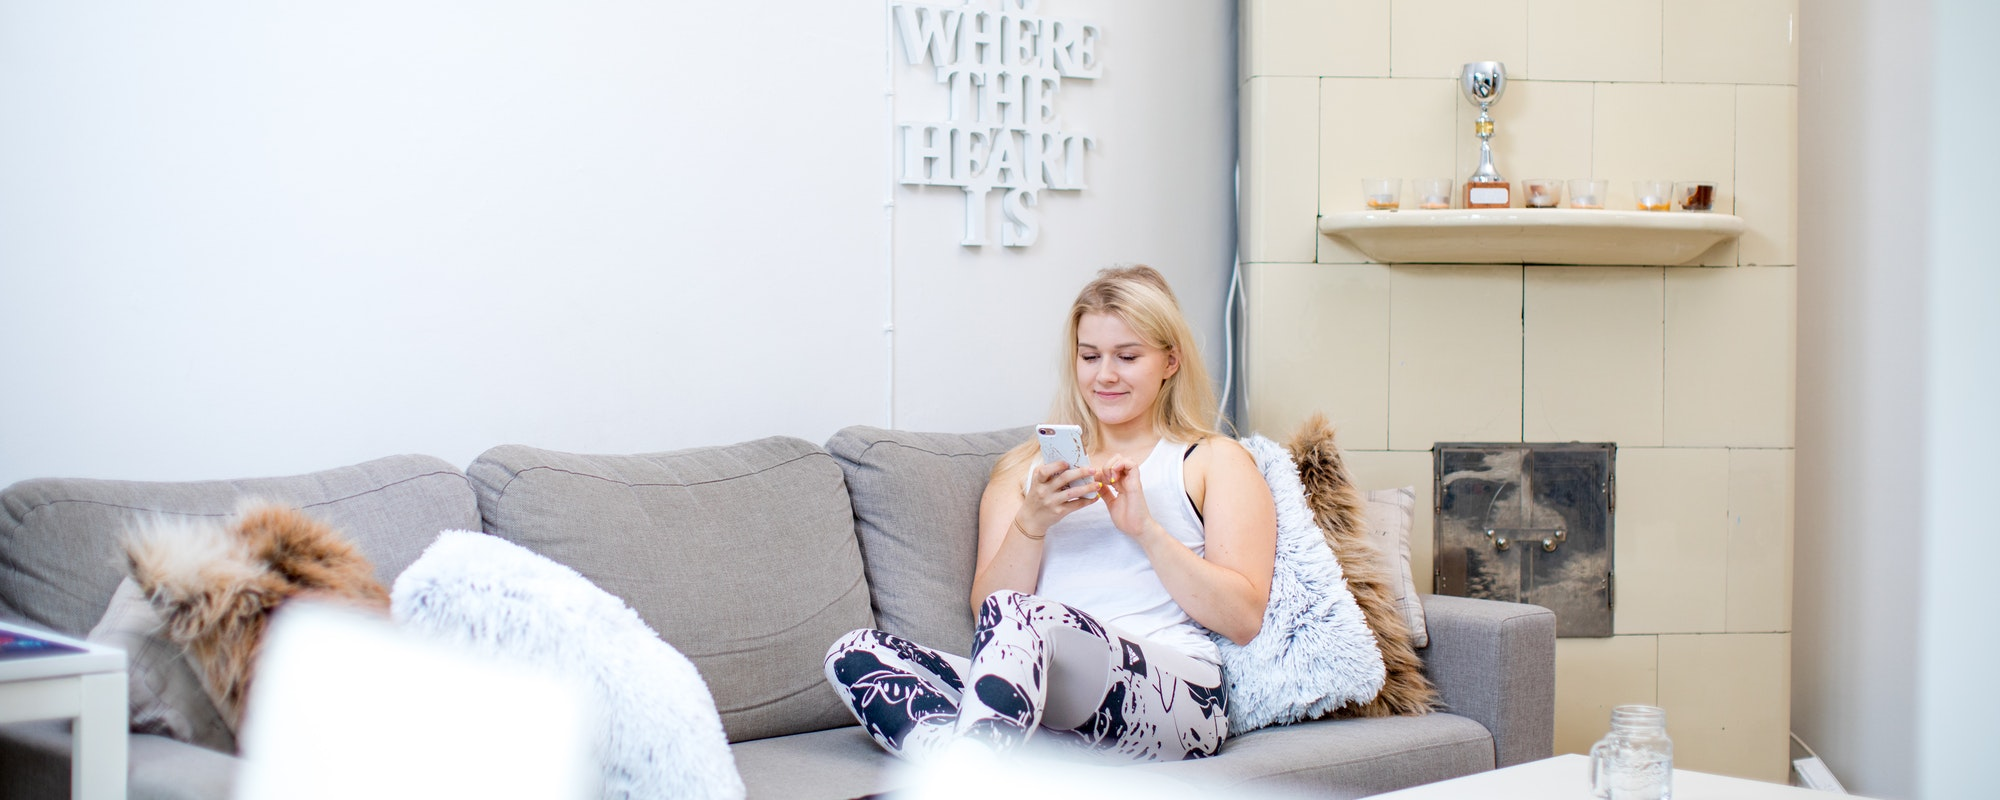 Liikunta-alan ammattilainen Matilda asuu yhdessä poikaystävänsä kanssa Turun itäisessä keskustassa.